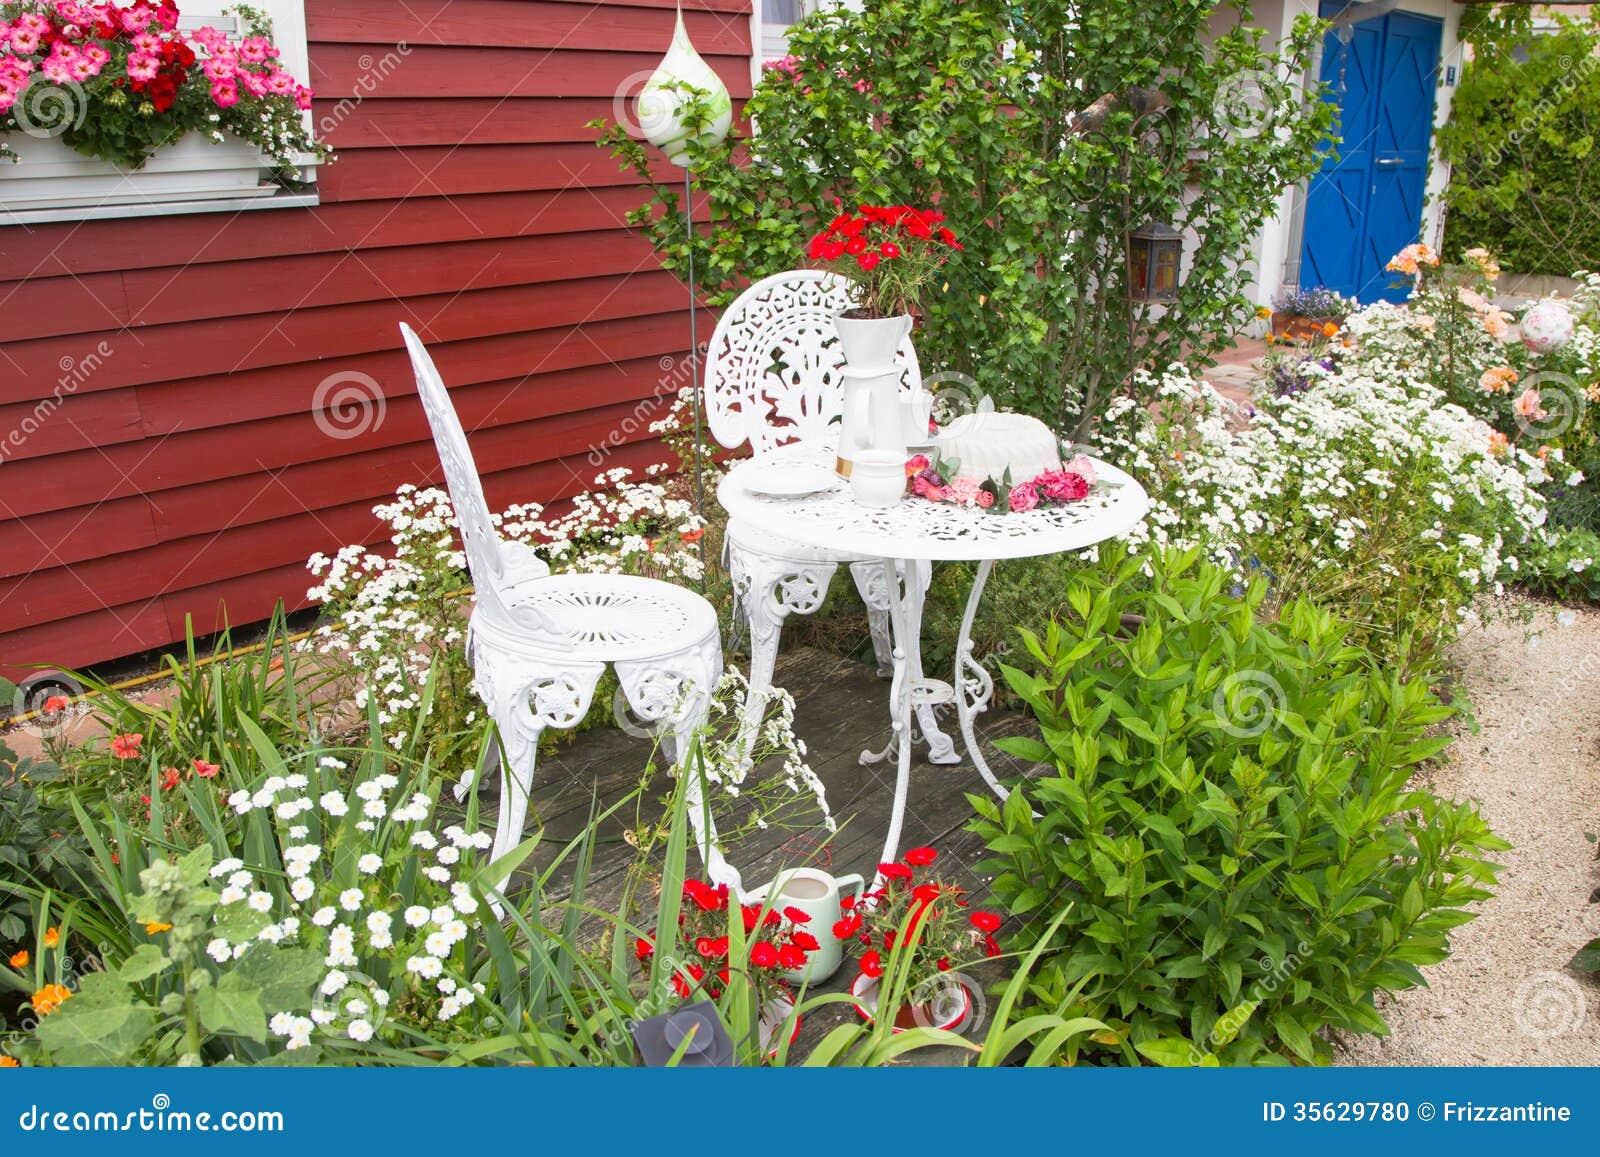 meubles de jardin réglés avec des fleurs devant la maison de